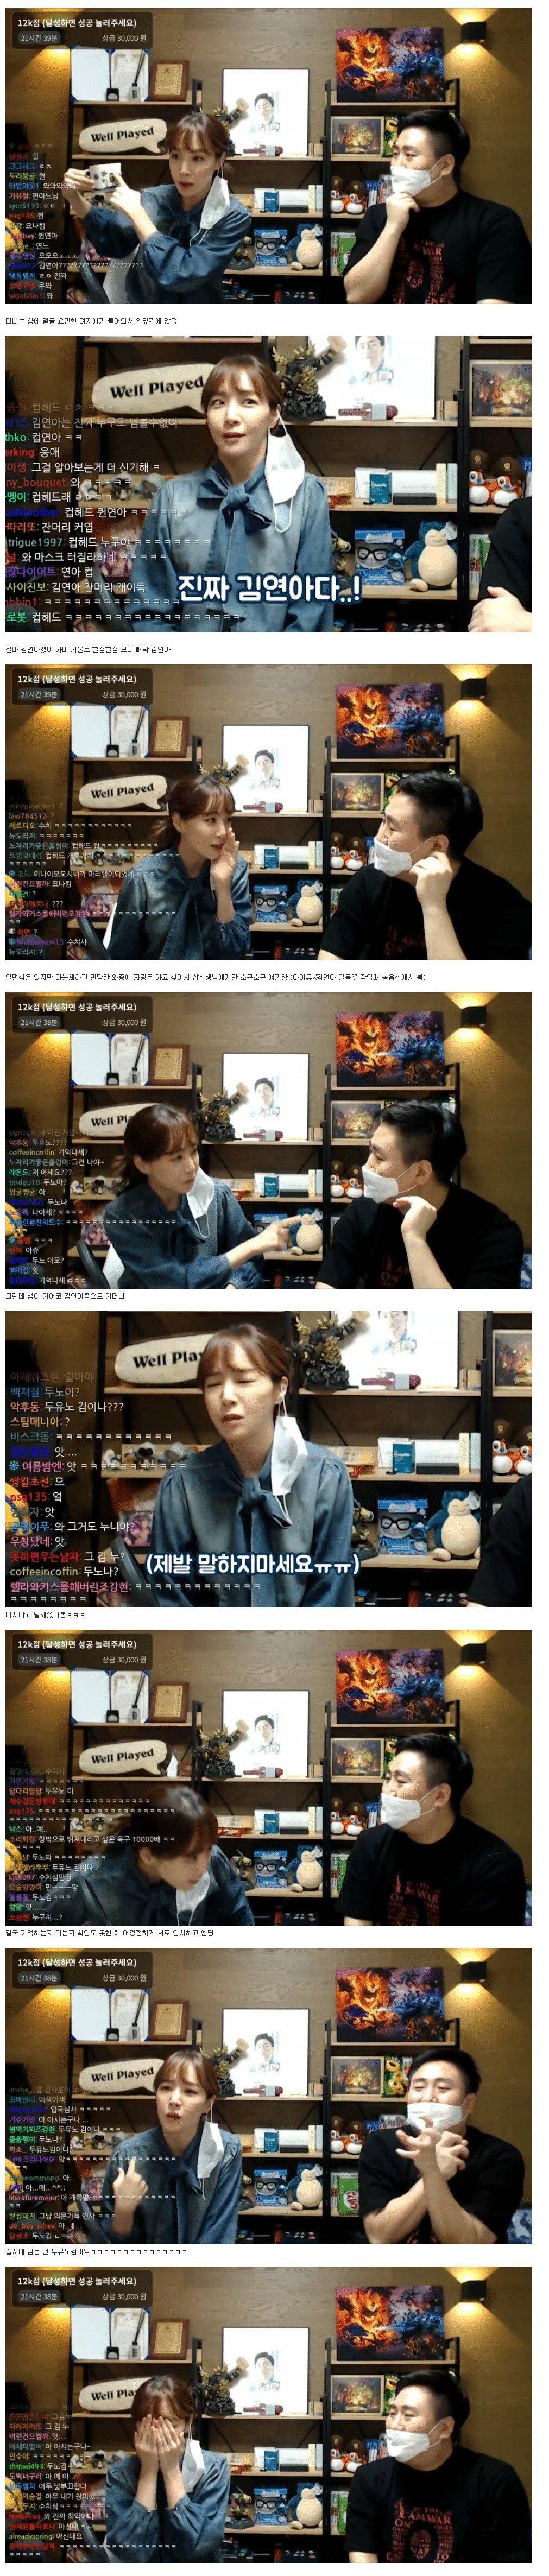 김이나가 미용실에서 김연아 본 썰